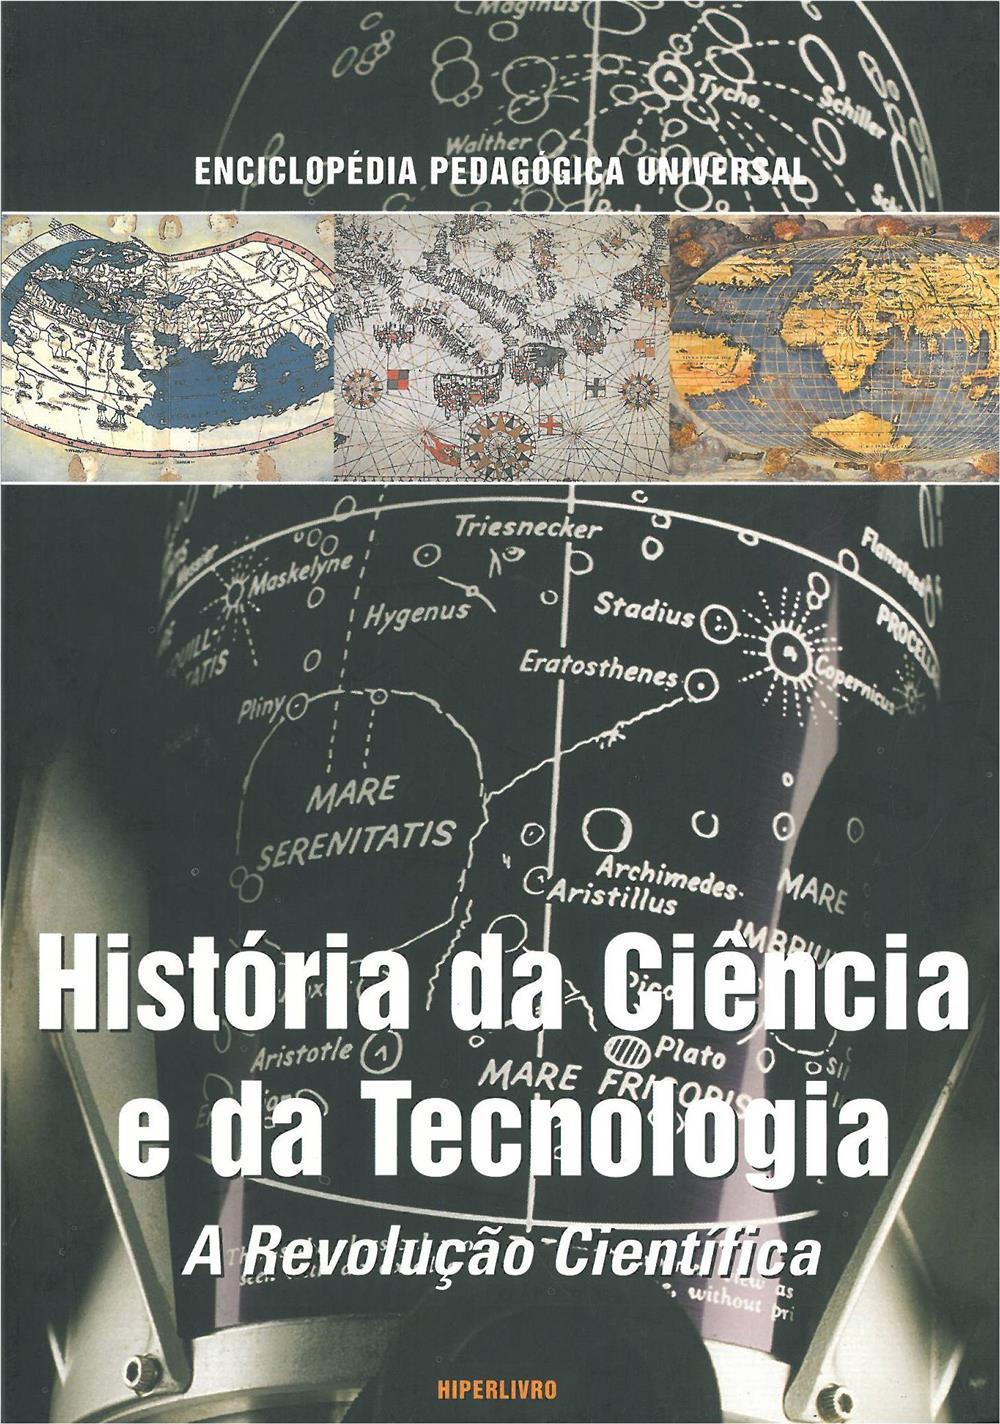 História da ciência e da tecnologia_a revolução científica.jpg